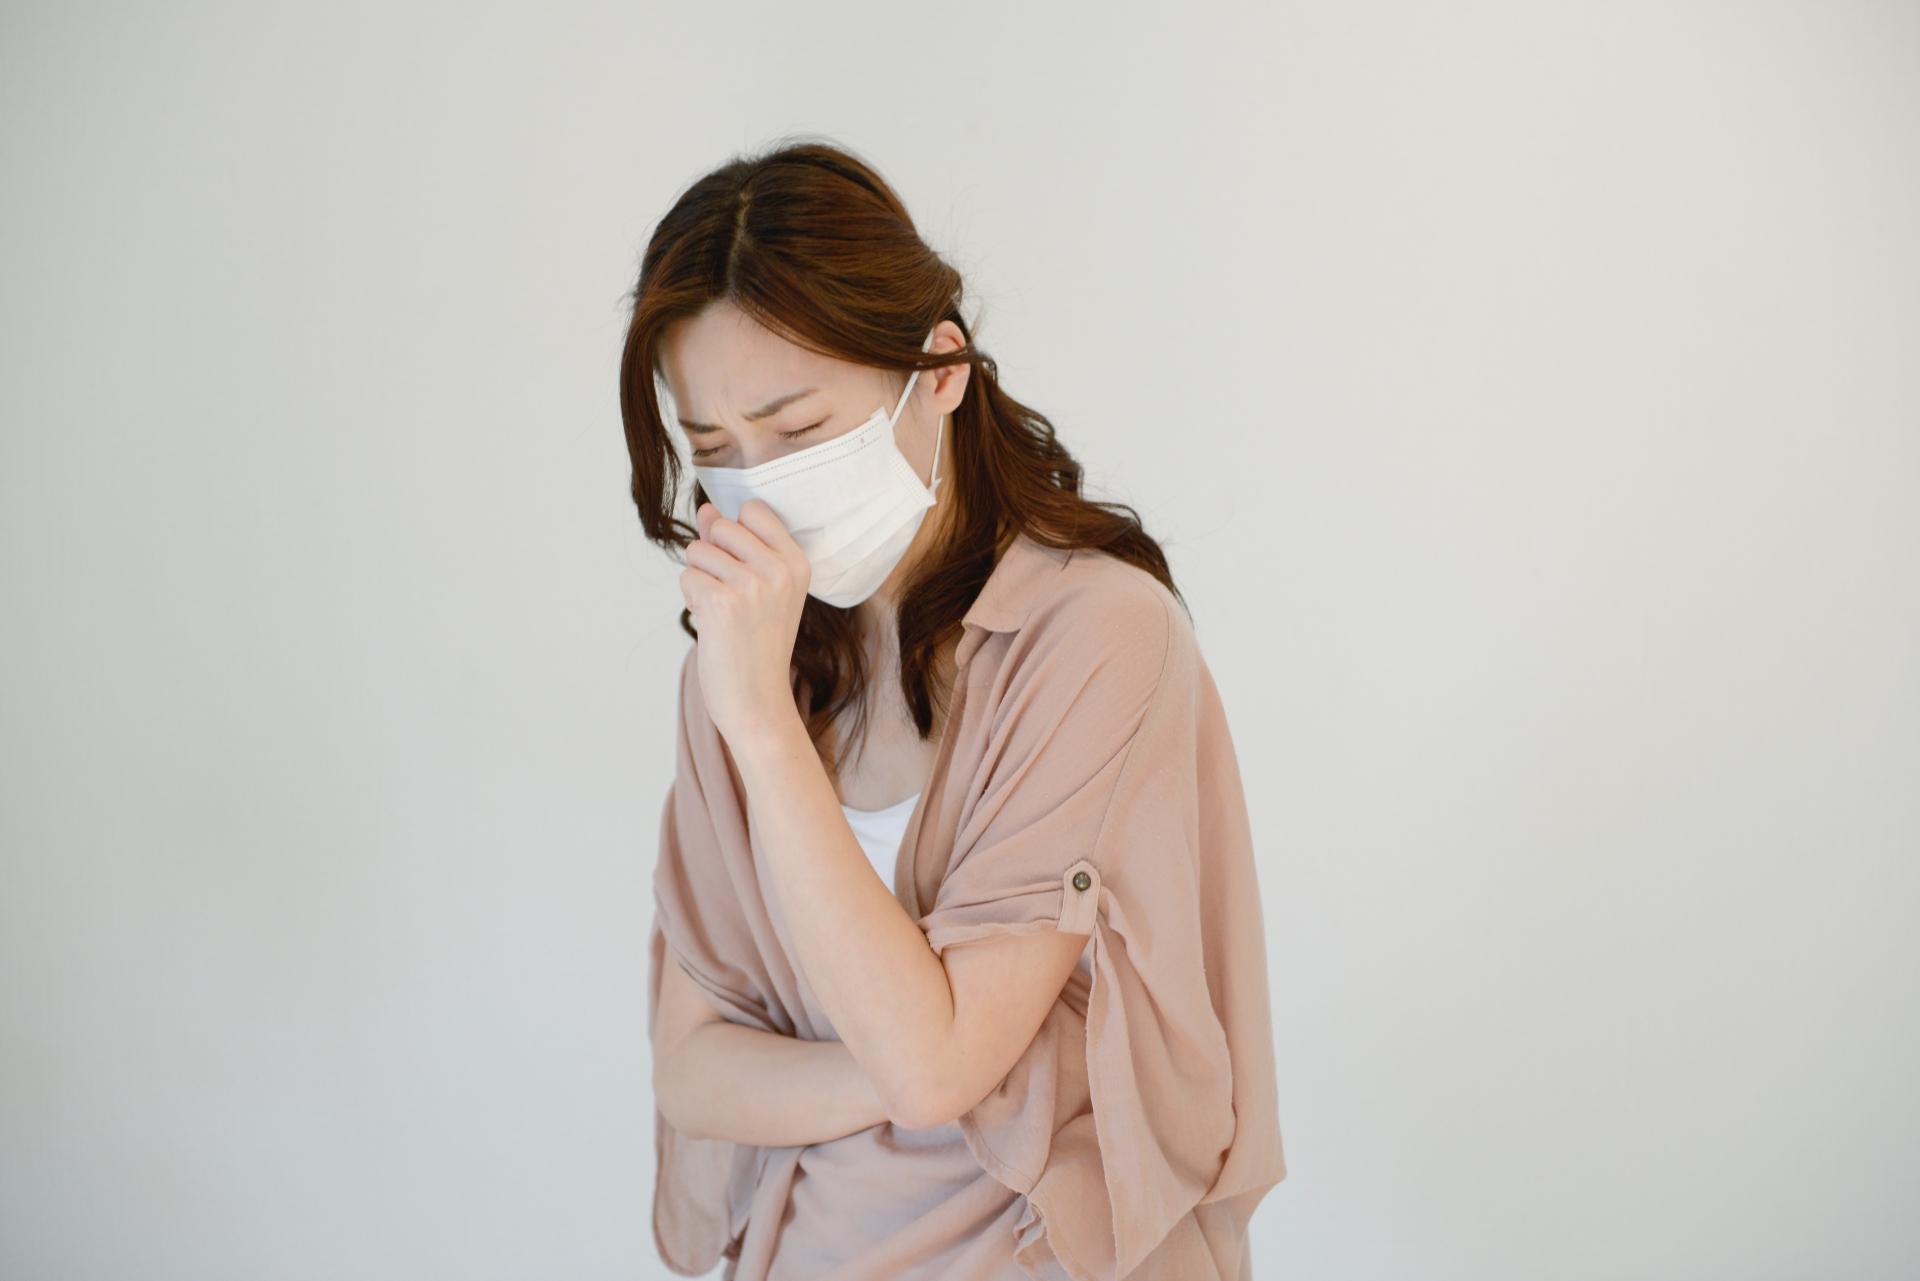 花粉症対策8選! ストレッチで呼吸器の血流を改善しよう